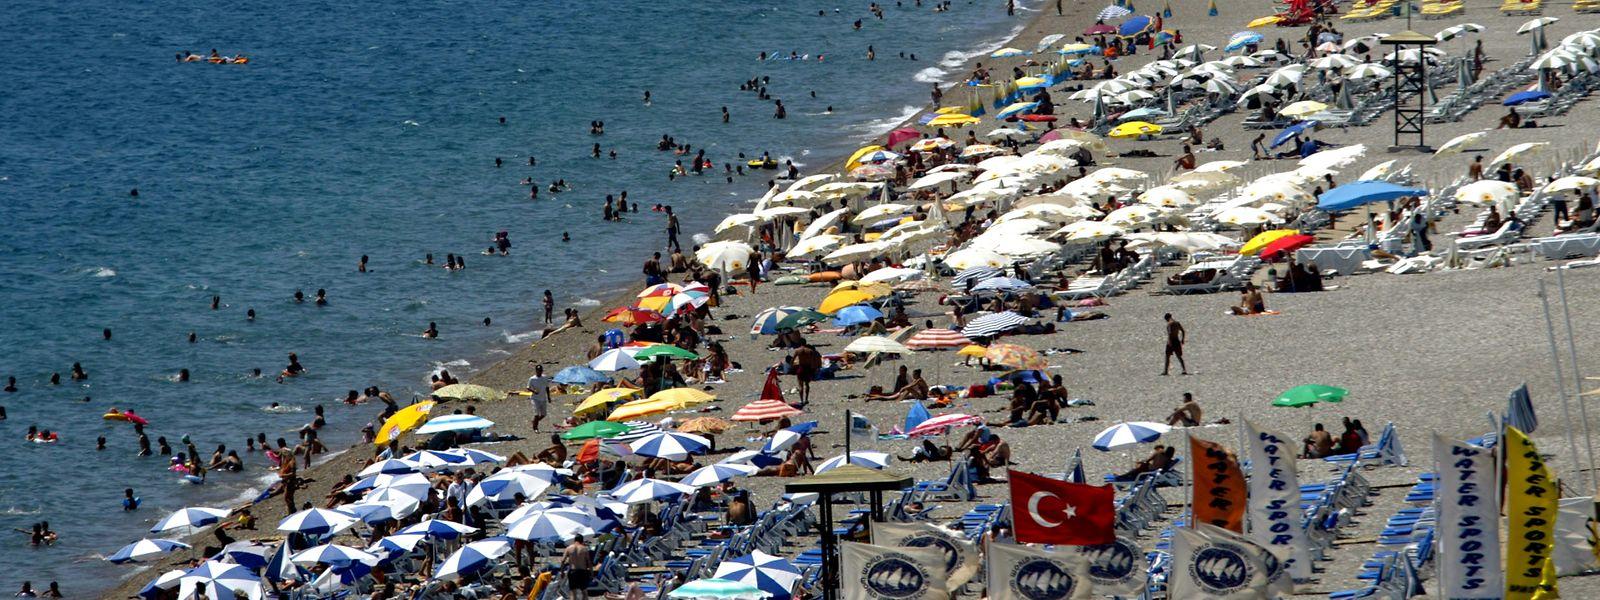 15 Millionen Urlauber besuchten 2019 Antalya an der türkischen Riviera.